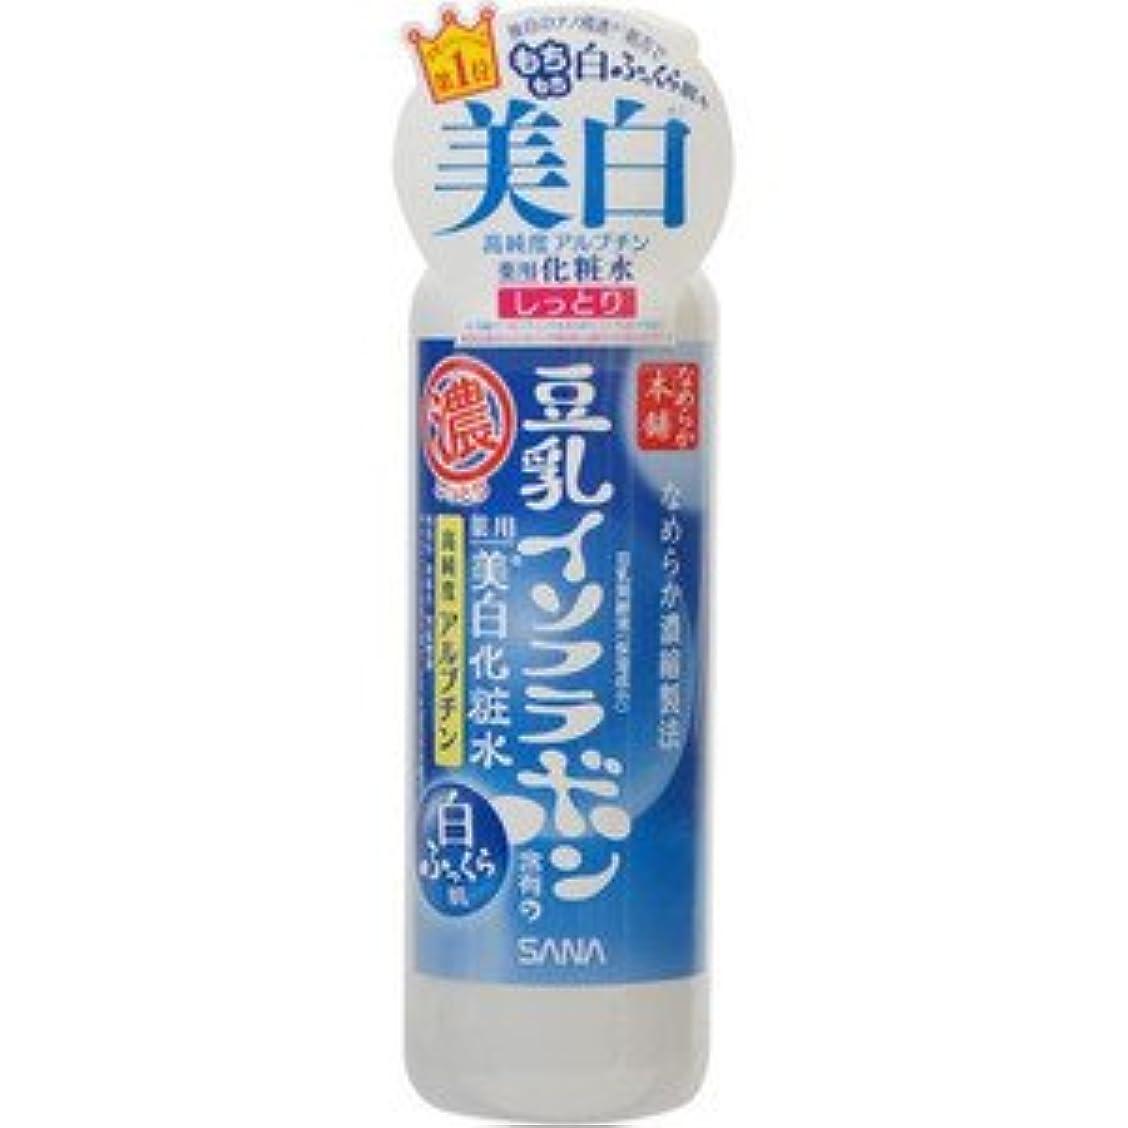 ヒロイン作り上げる船員サナ なめらか本舗 薬用美白しっとり化粧水 × 3個セット